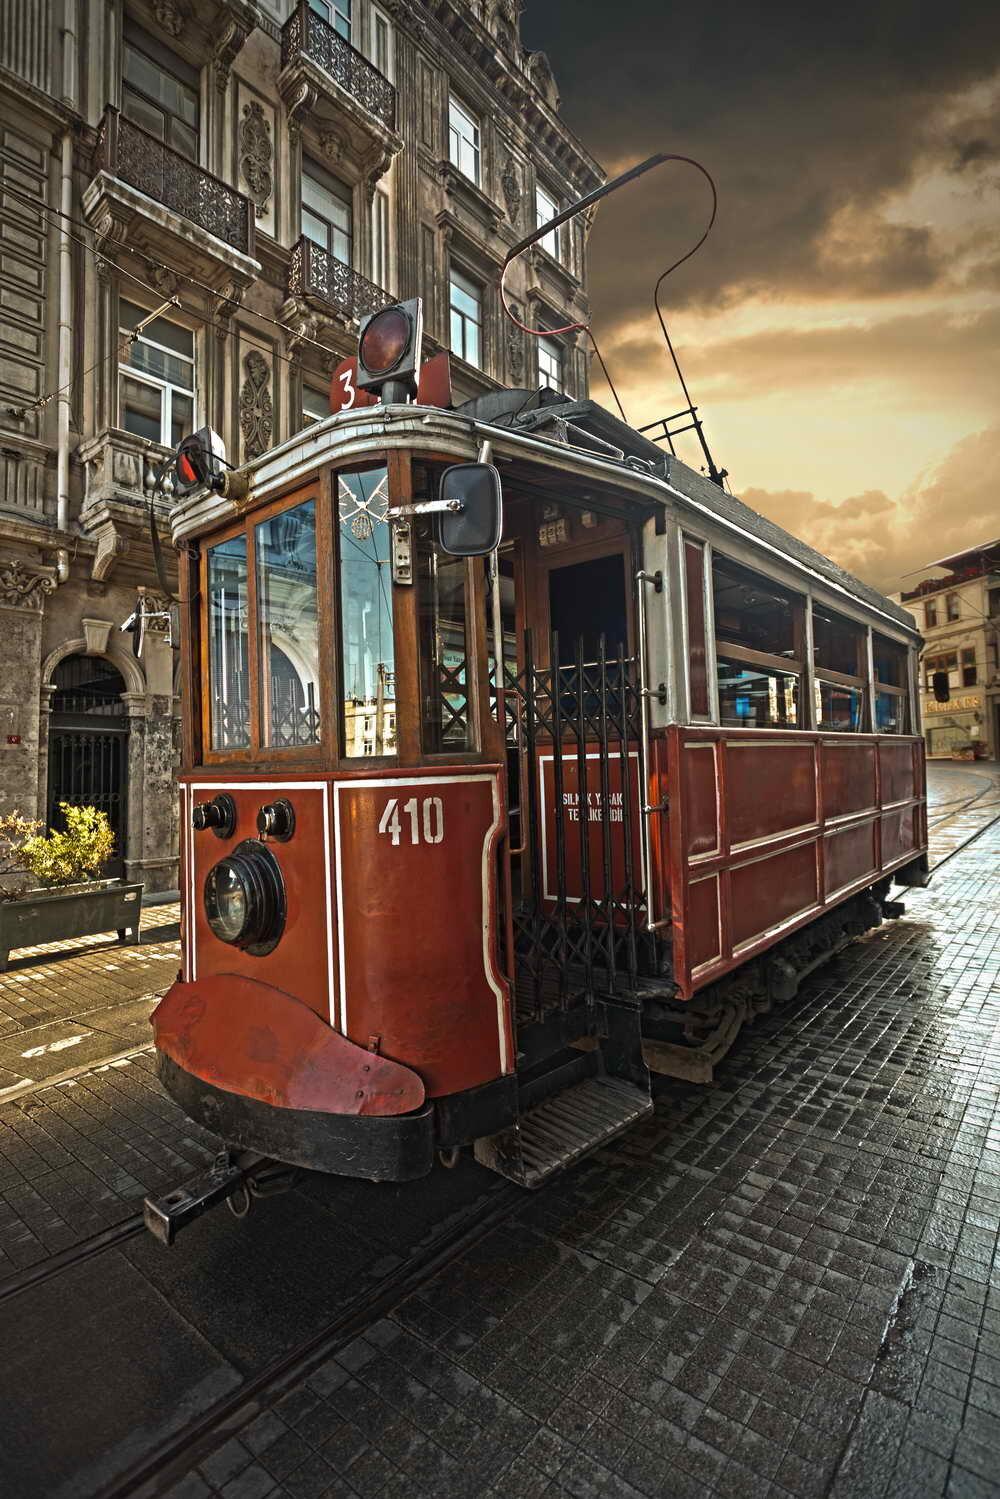 Картинка с трамваем, старинные